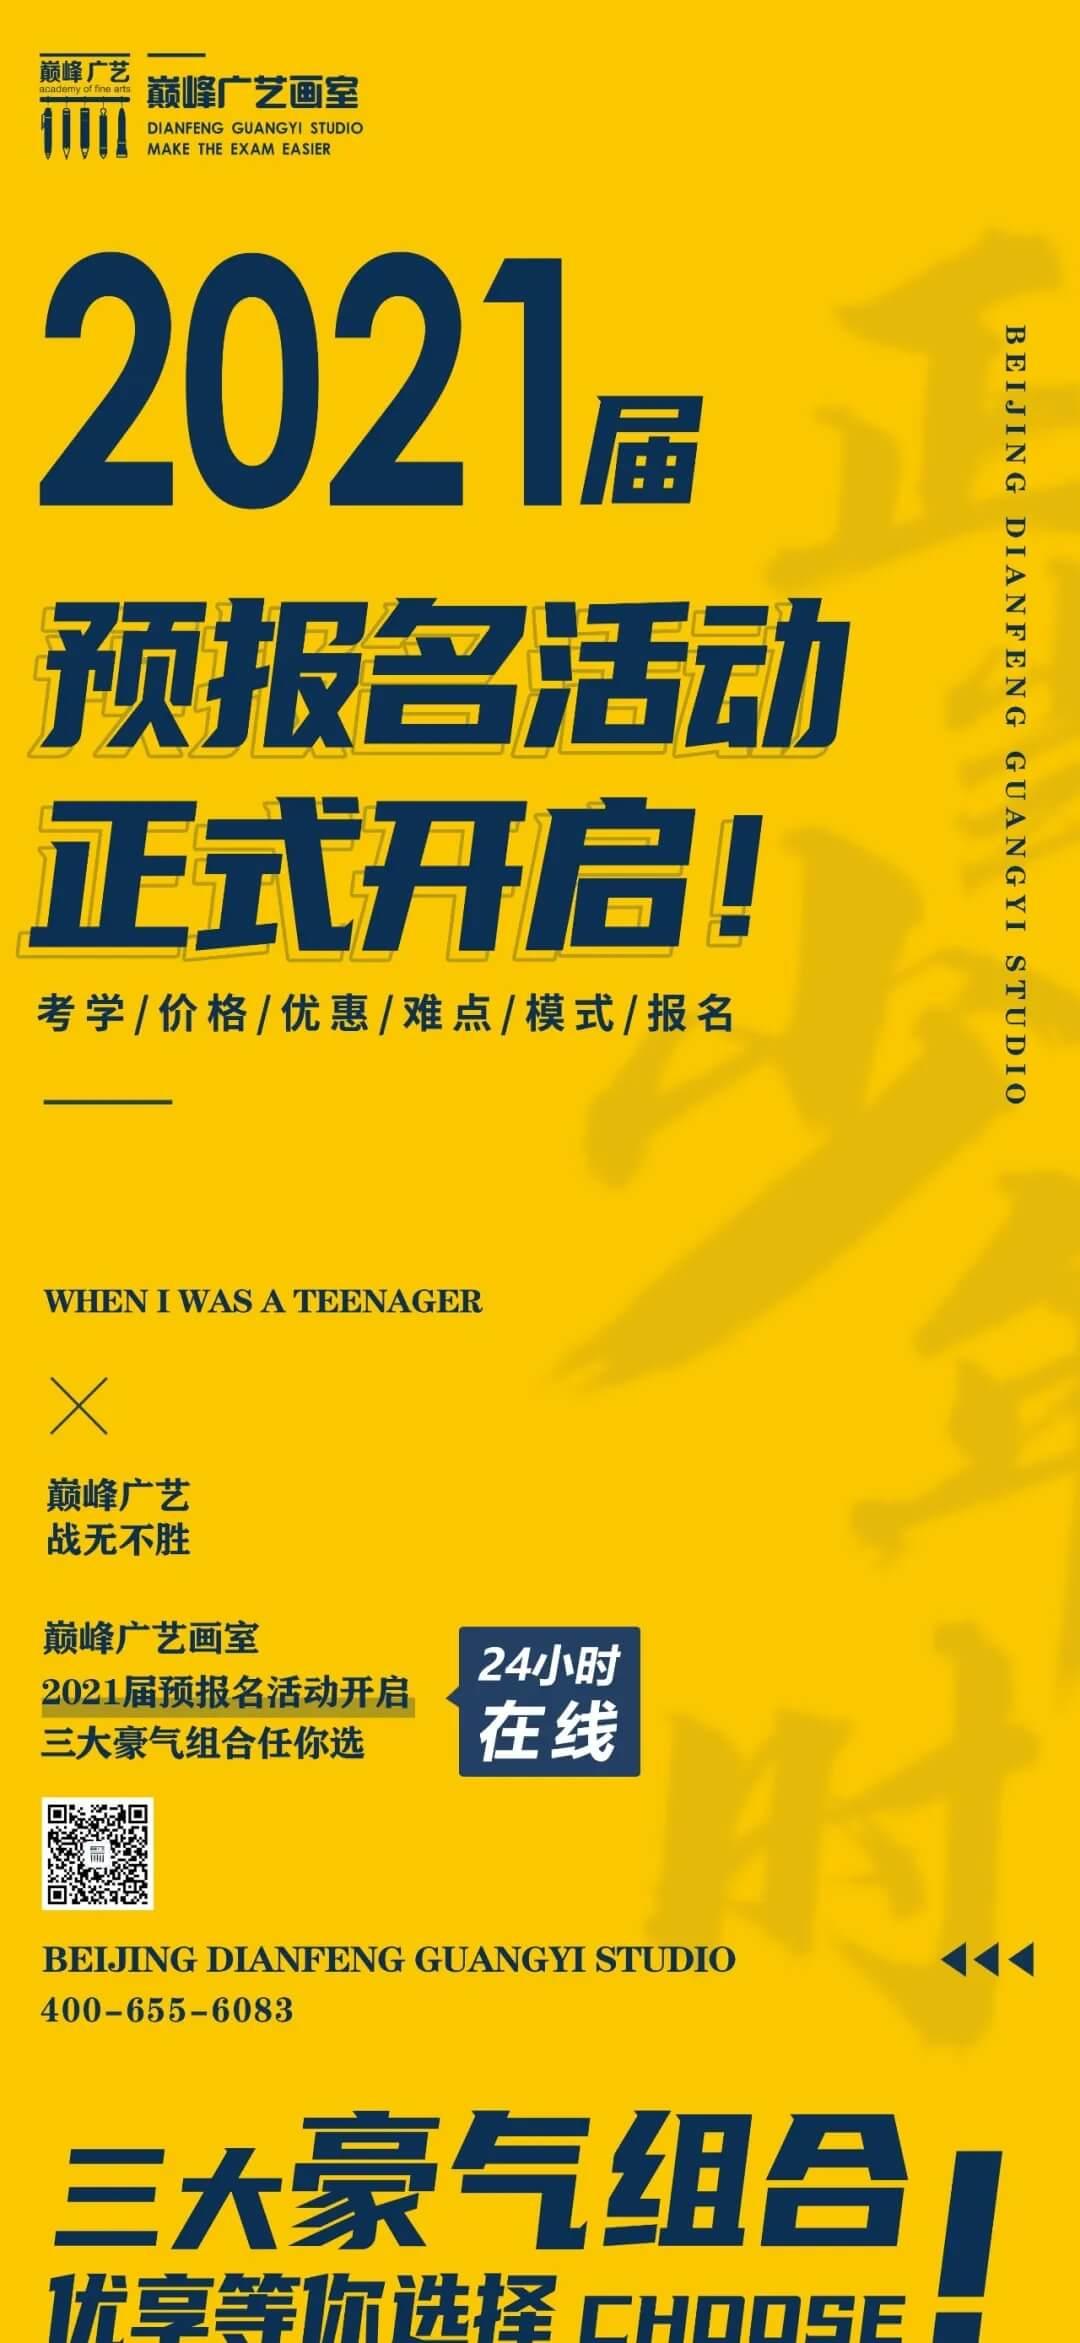 北京巅峰广艺画室,北京画室,北京美术集训,01